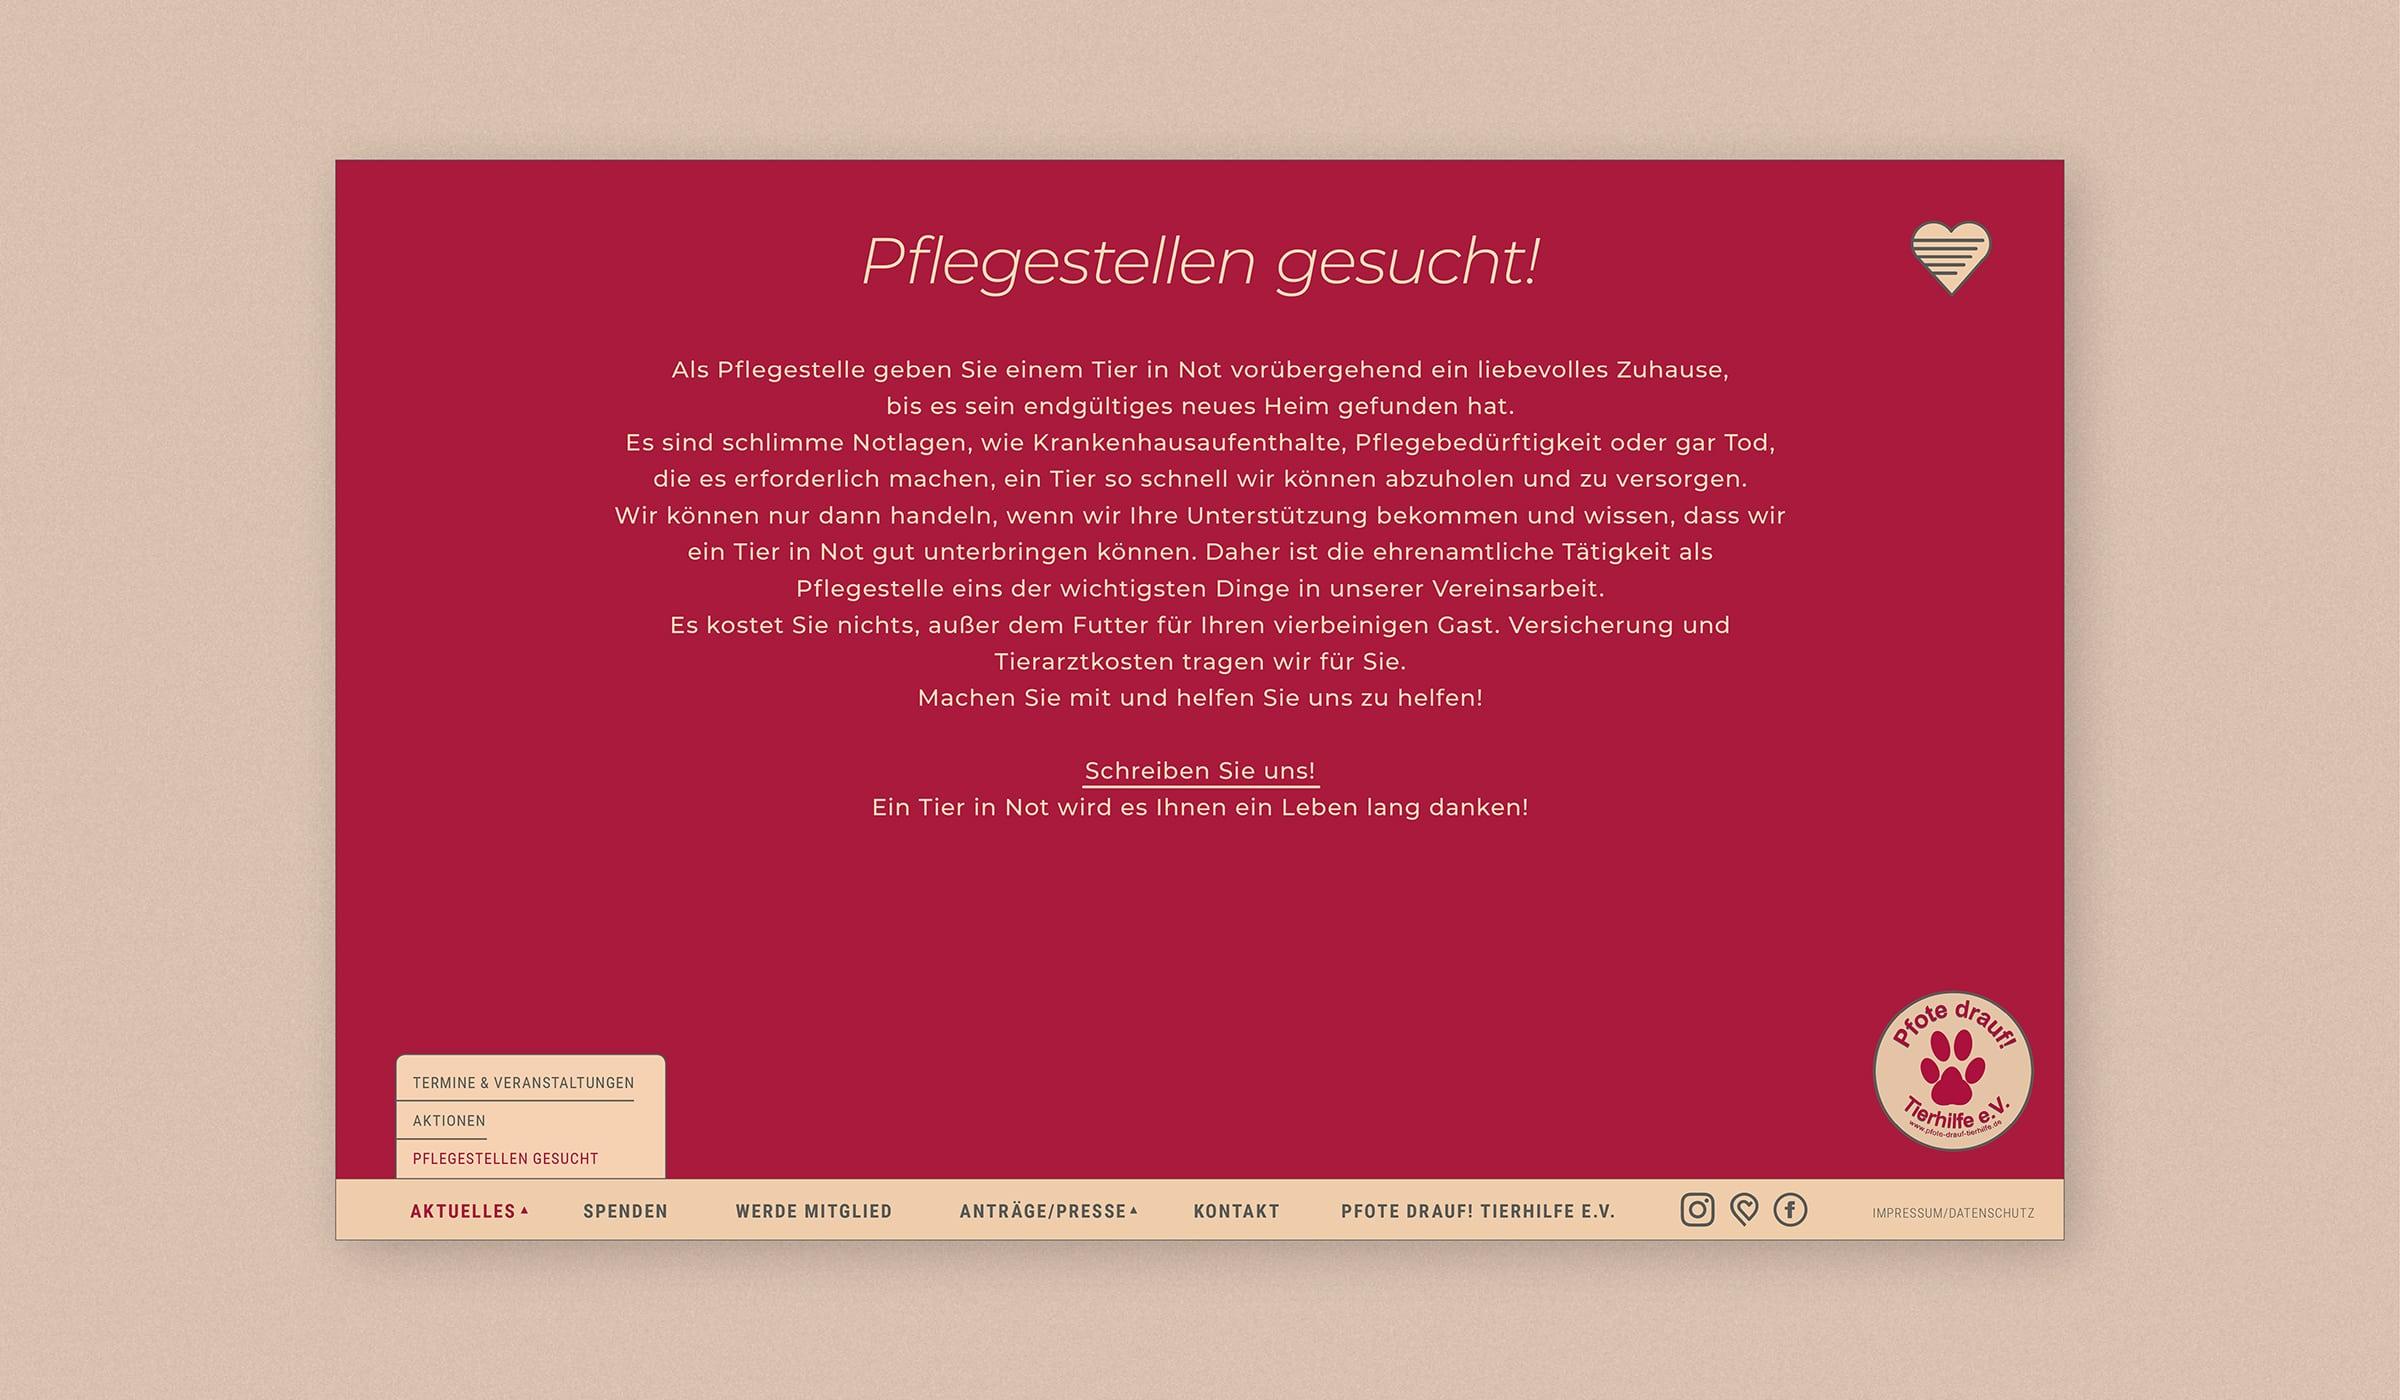 Homepage für Tierhilfe e.V. Trier und Region. Das Webkonzept und Webdesign wurde entwickelt durch die Designagentur und Werbeagentur mieker - Konzept Design Strategie. Leistungen der Designagentur: Webkonzept, Webdesign/Screendesign, Werbefotografie, Fotos, responsive Website. Screen rote Unterseite. Regionen: Hermeskeil, Trier und Region.